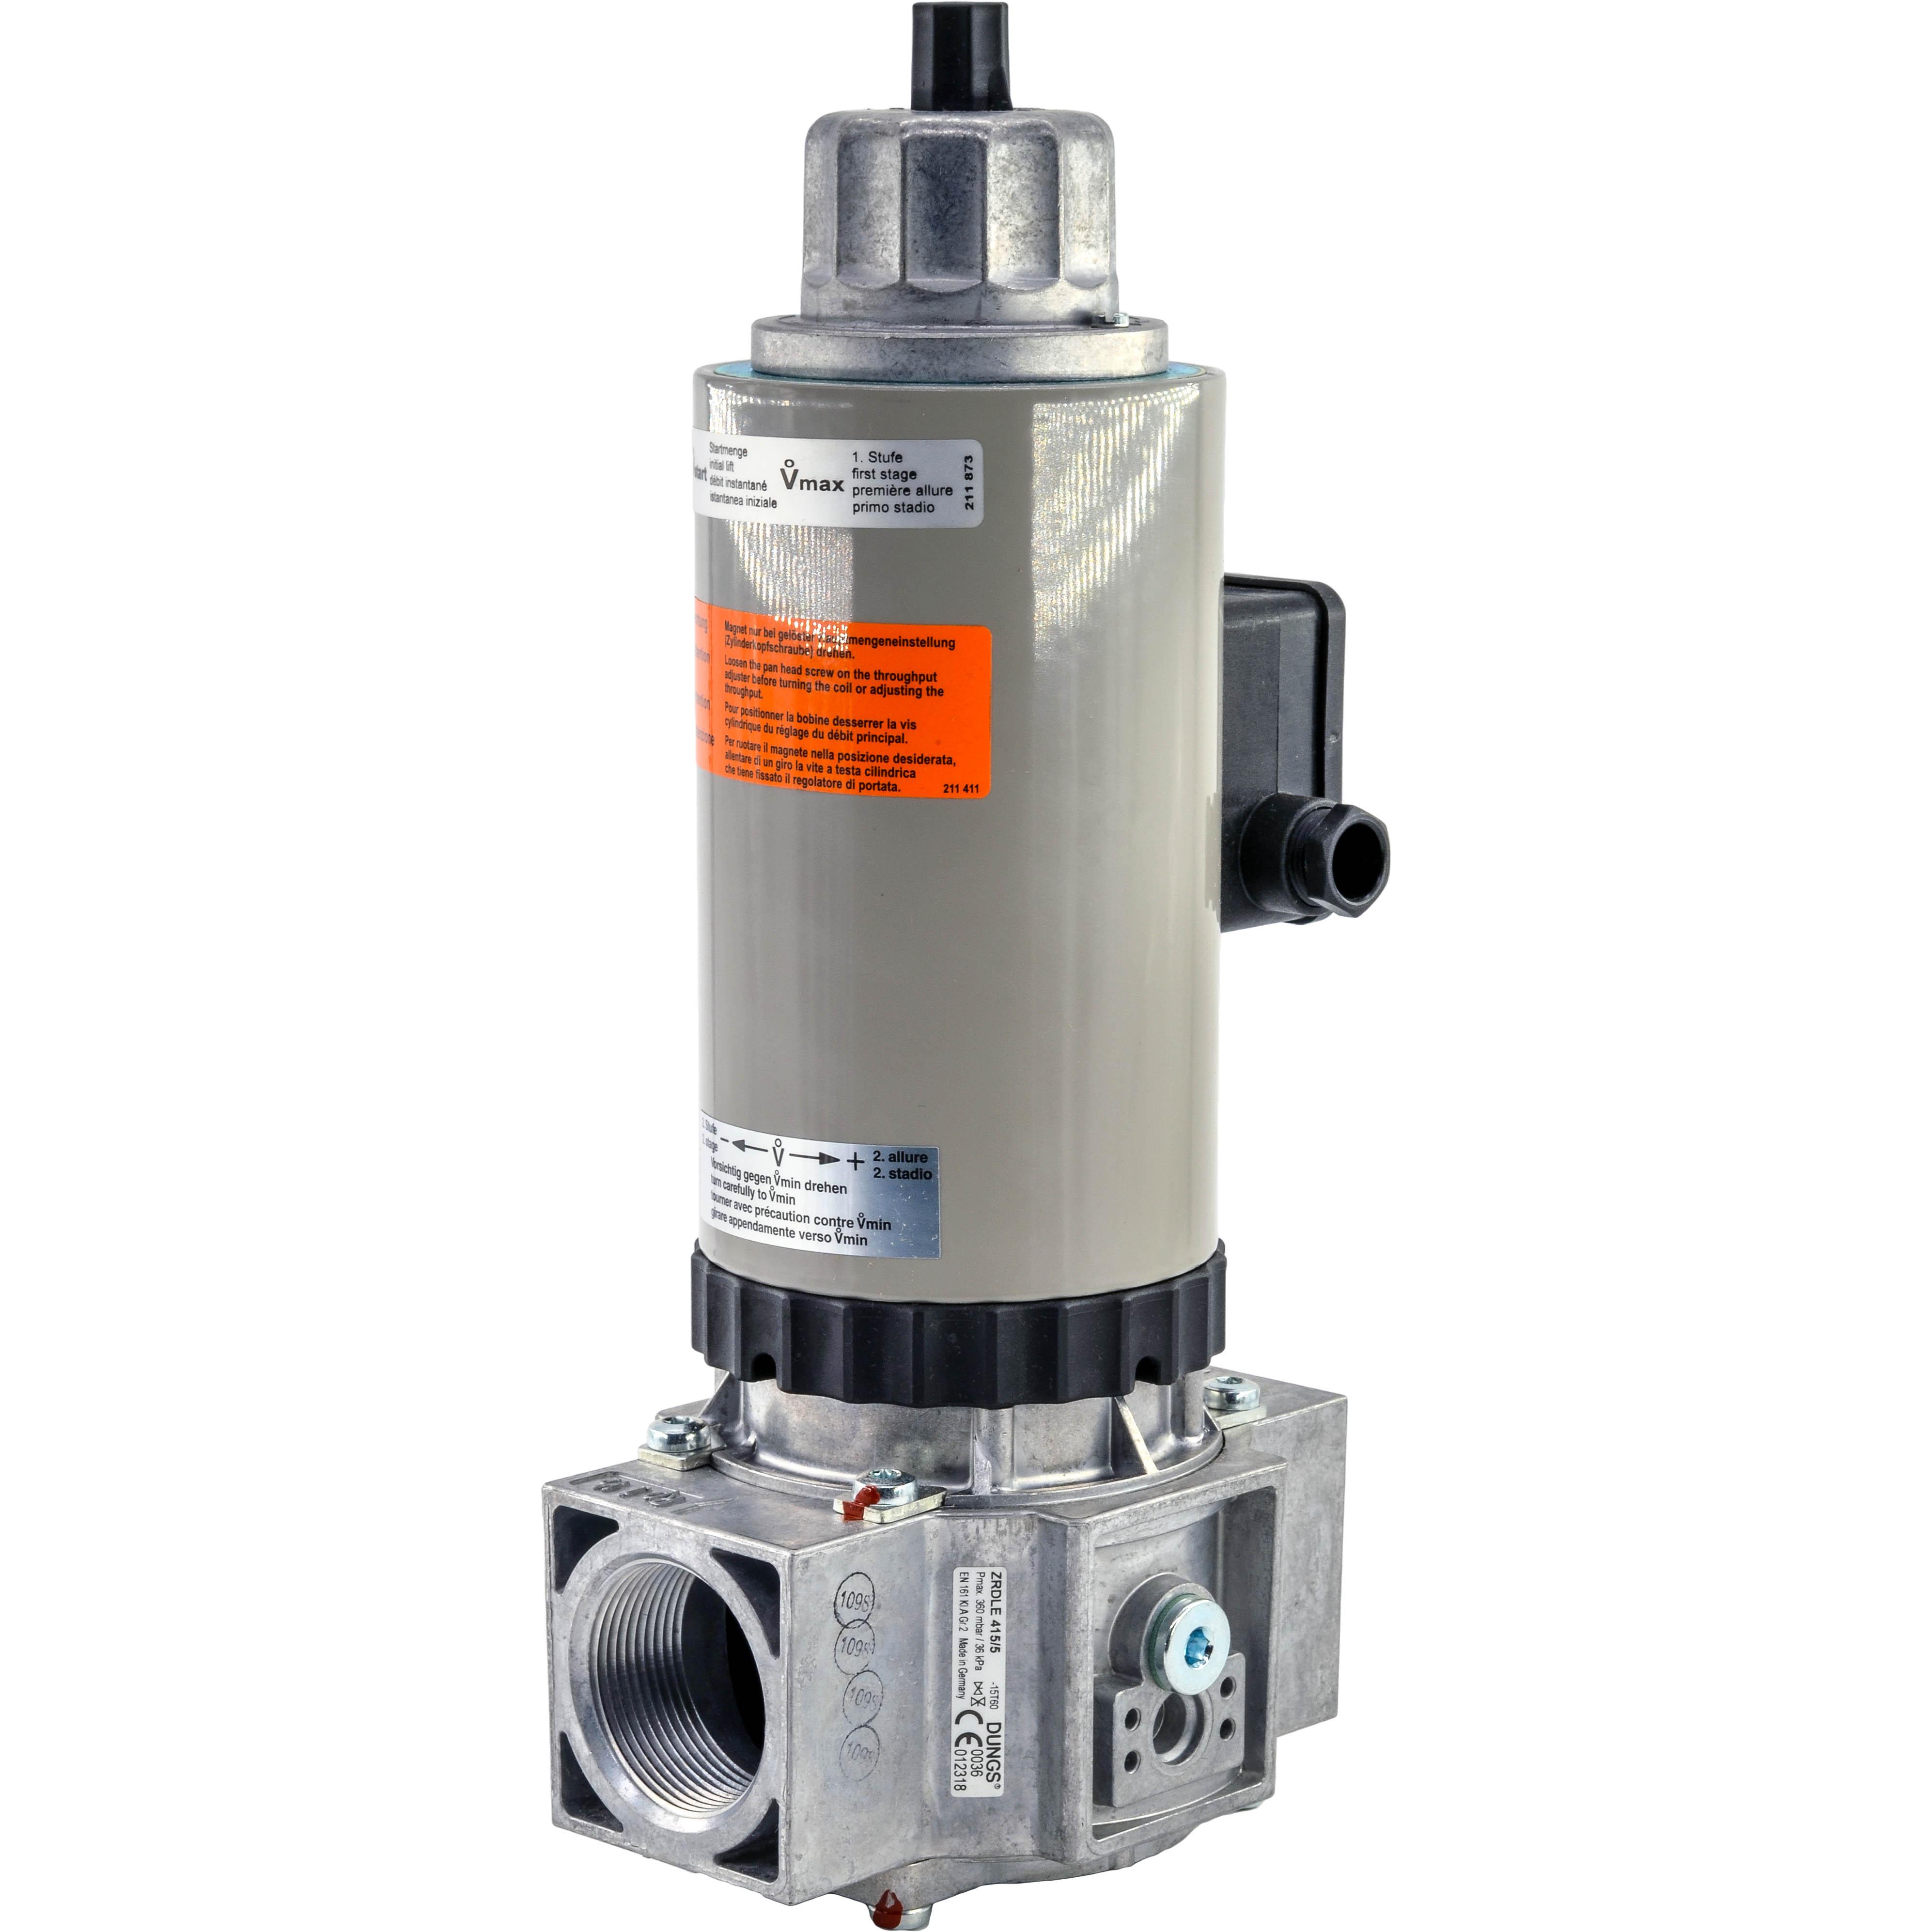 Электромагнитный клапан ZRLE 415/5 DUNGS цена, купить